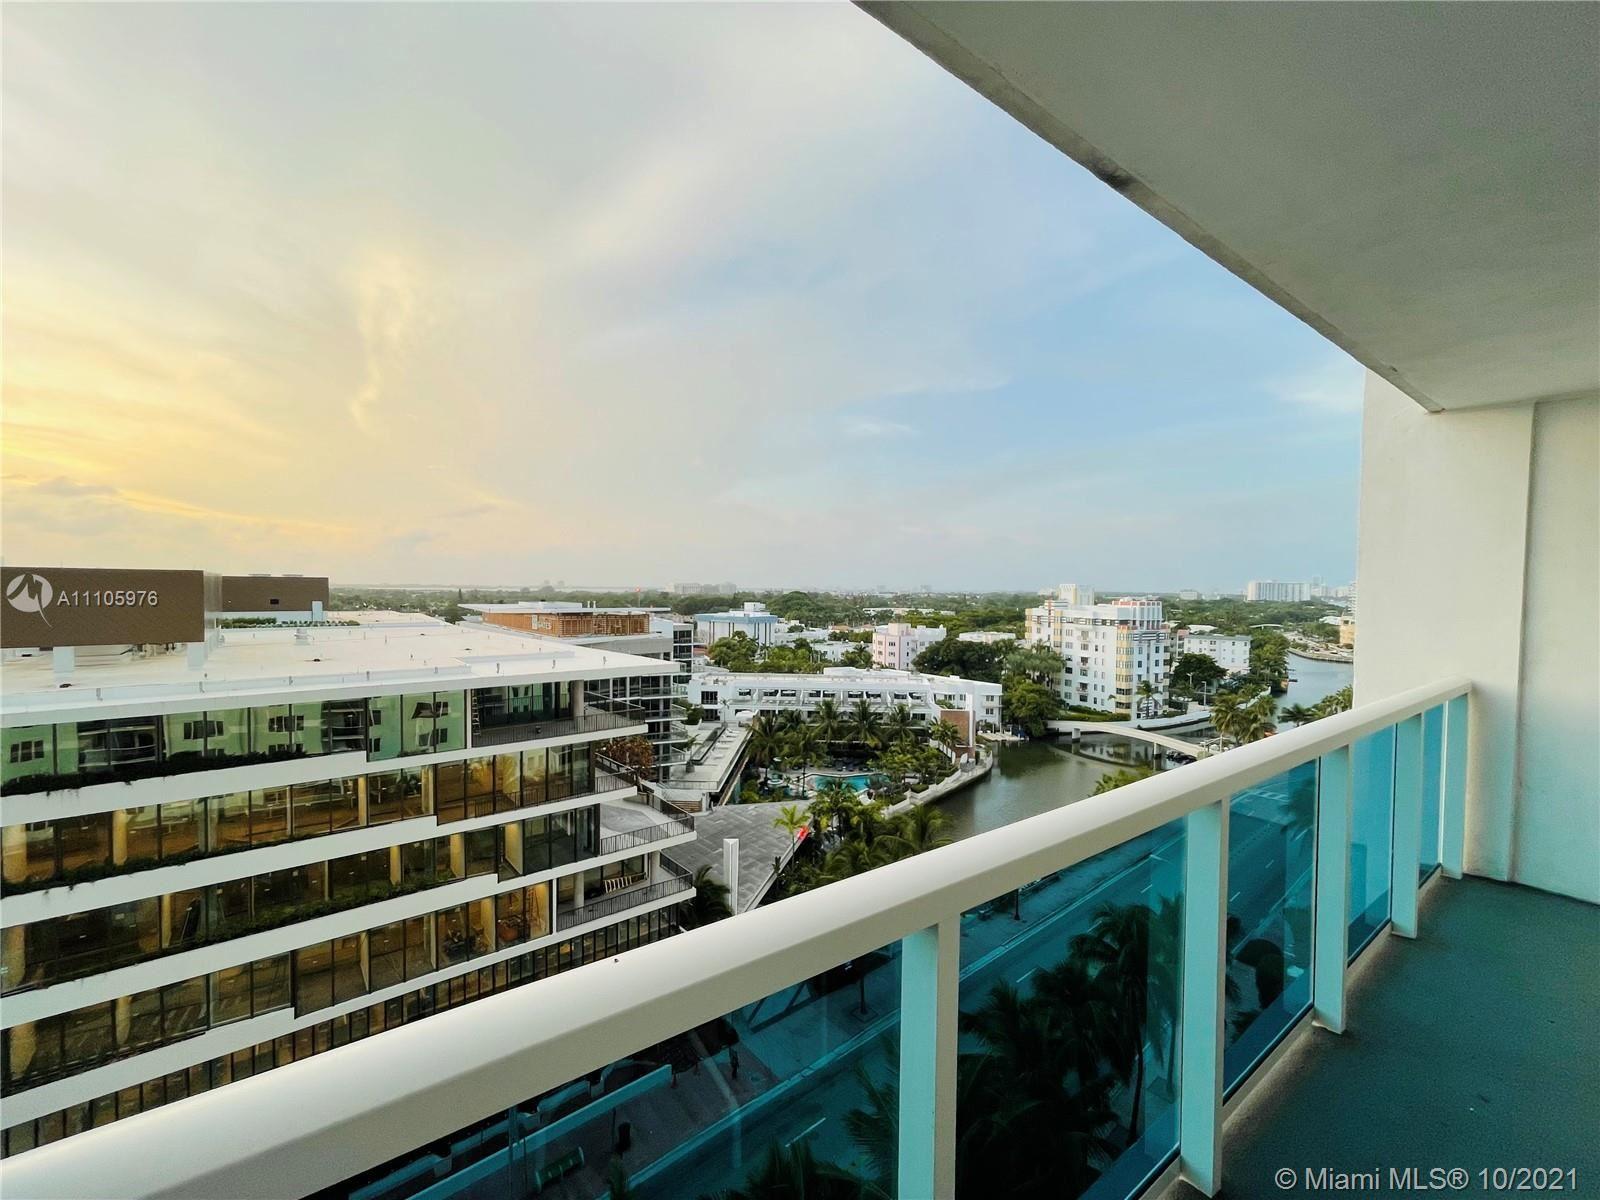 2301 Collins Ave #1029, Miami Beach, FL 33139 - #: A11105976